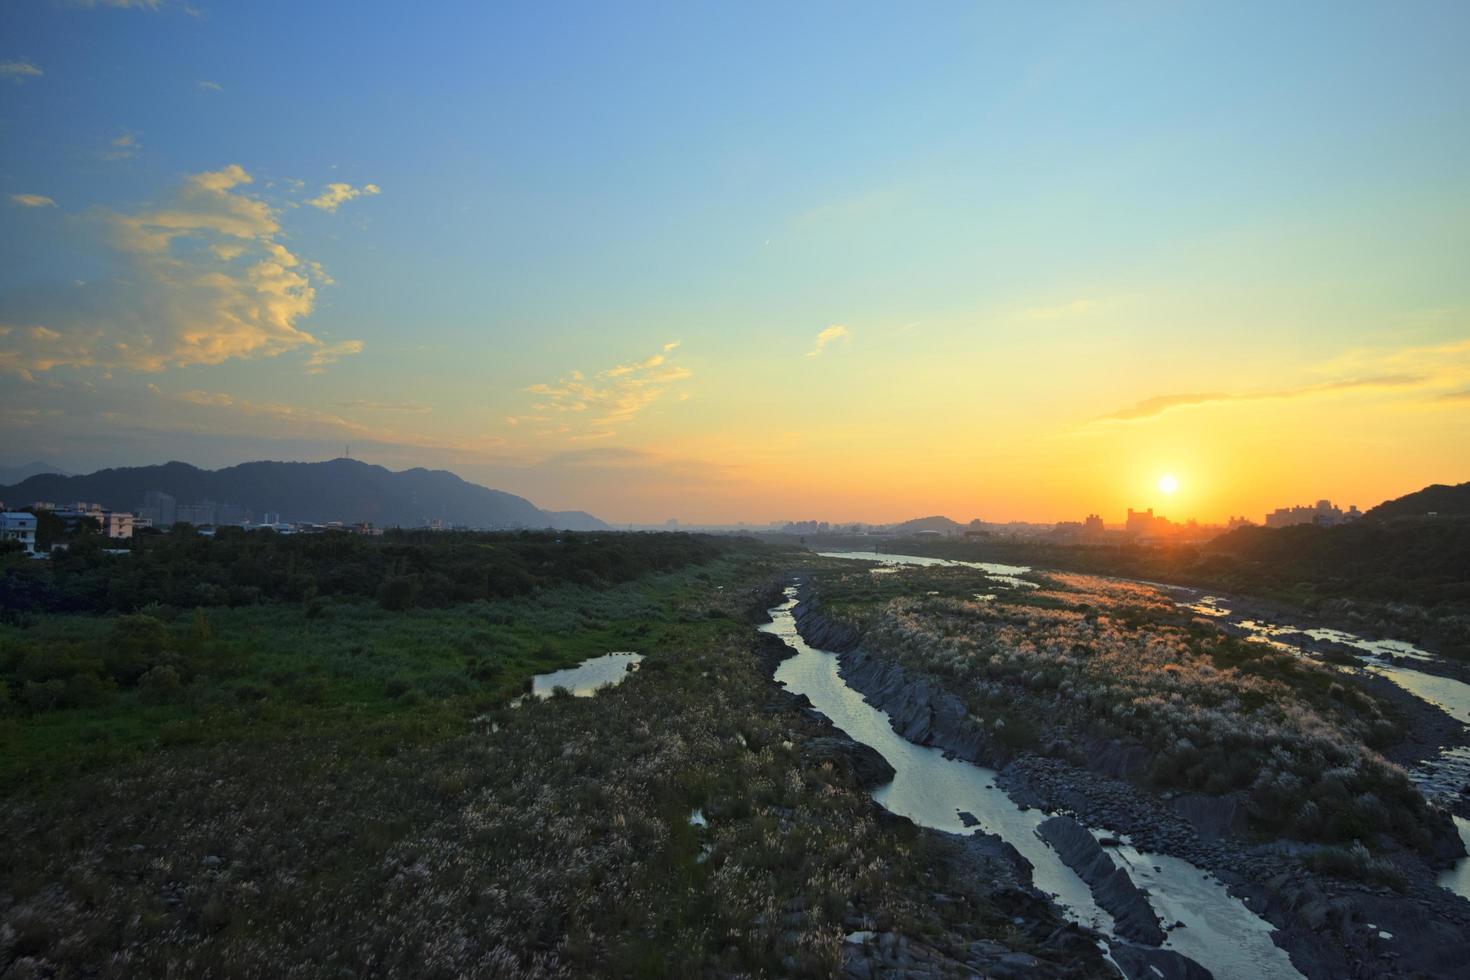 luchtfoto van een stroom bij zonsondergang foto